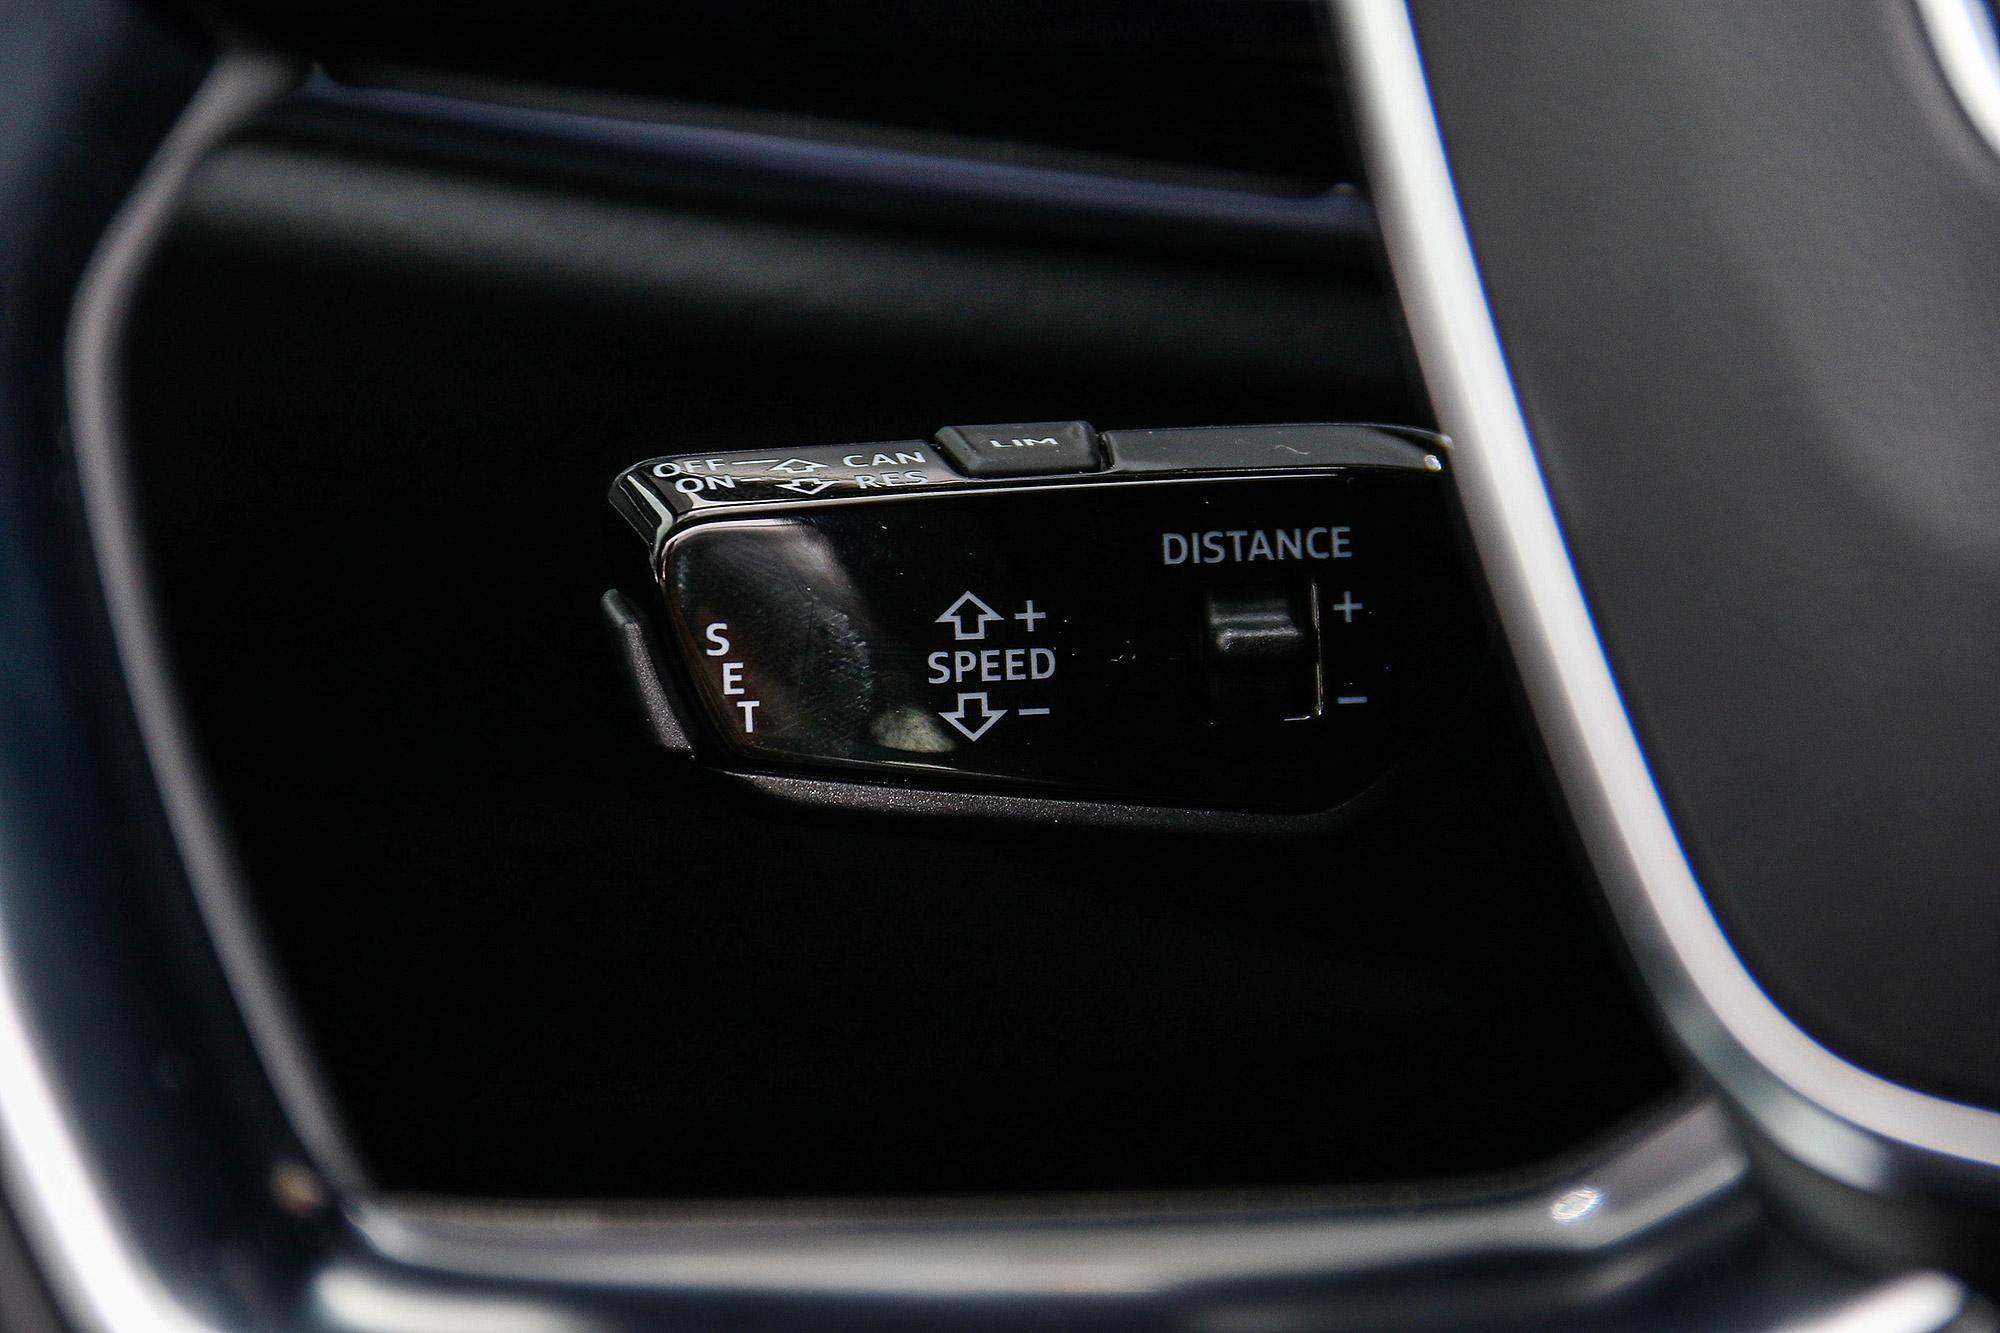 除了 ACC 之外,也整合有主動式車道維持與偏離警示系統,具備 Level 2 層級自動駕駛輔助系統。